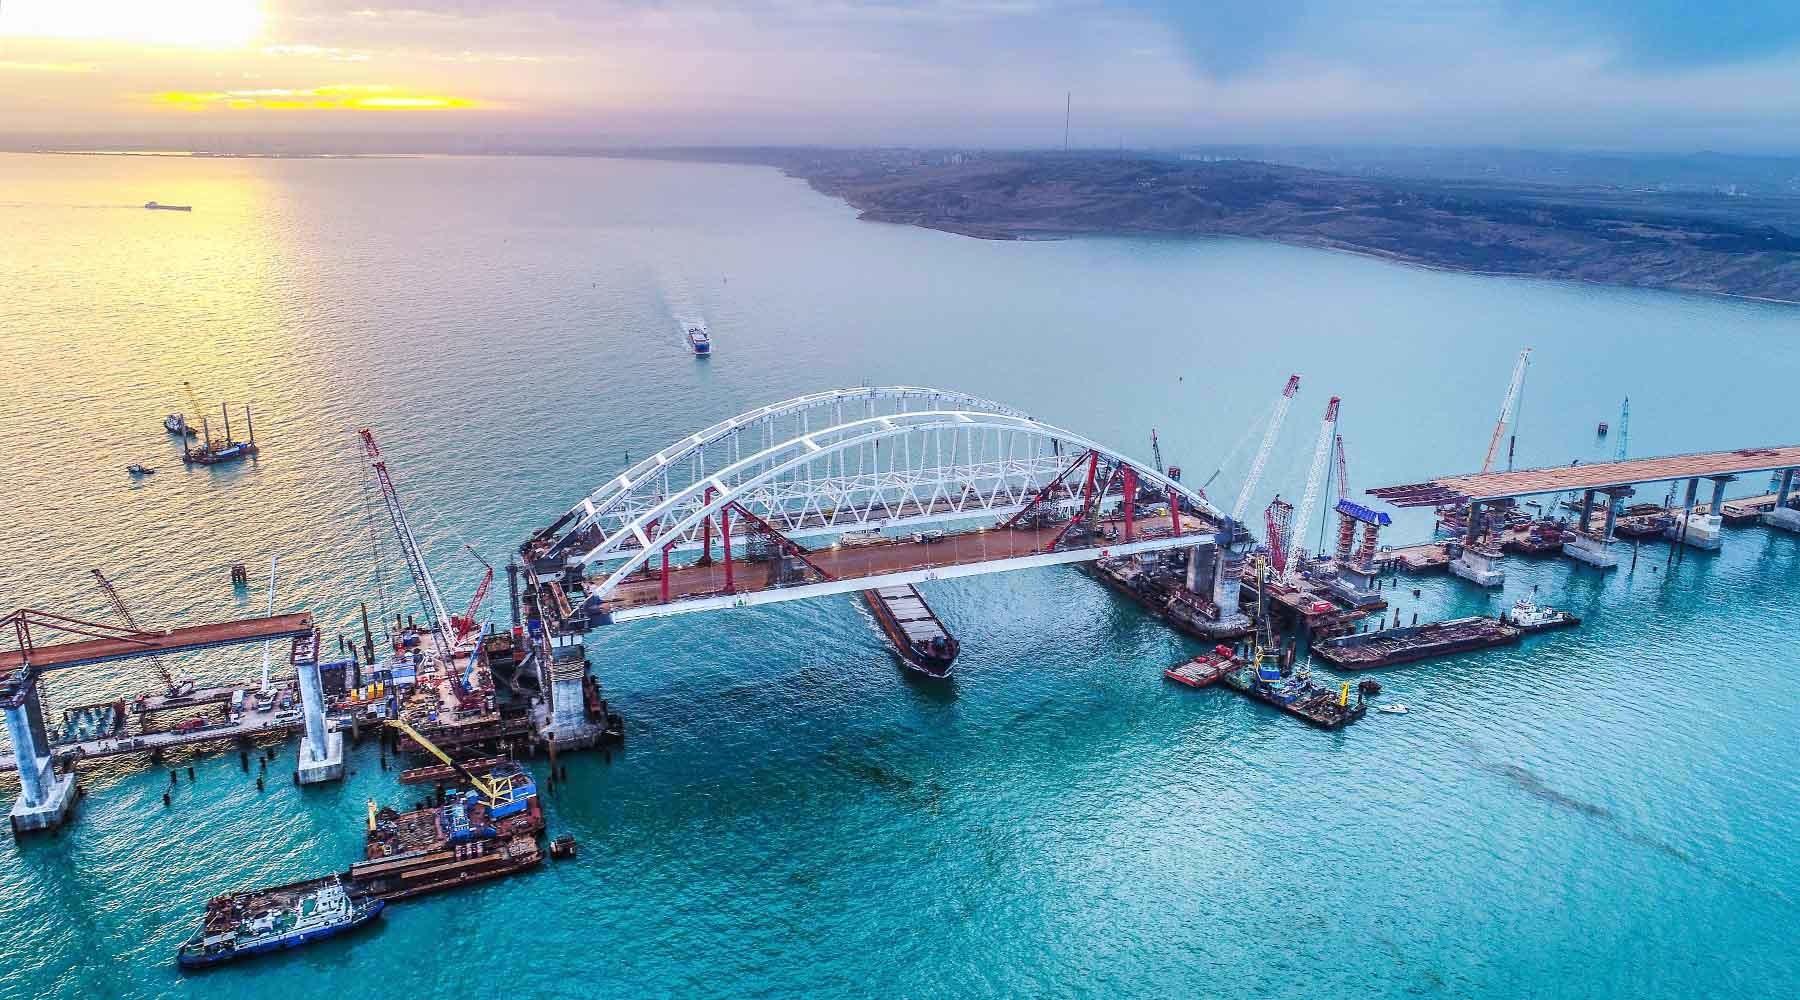 Крепкая опора: мост через Керченский пролив соединит Тамань и Крым до конца года